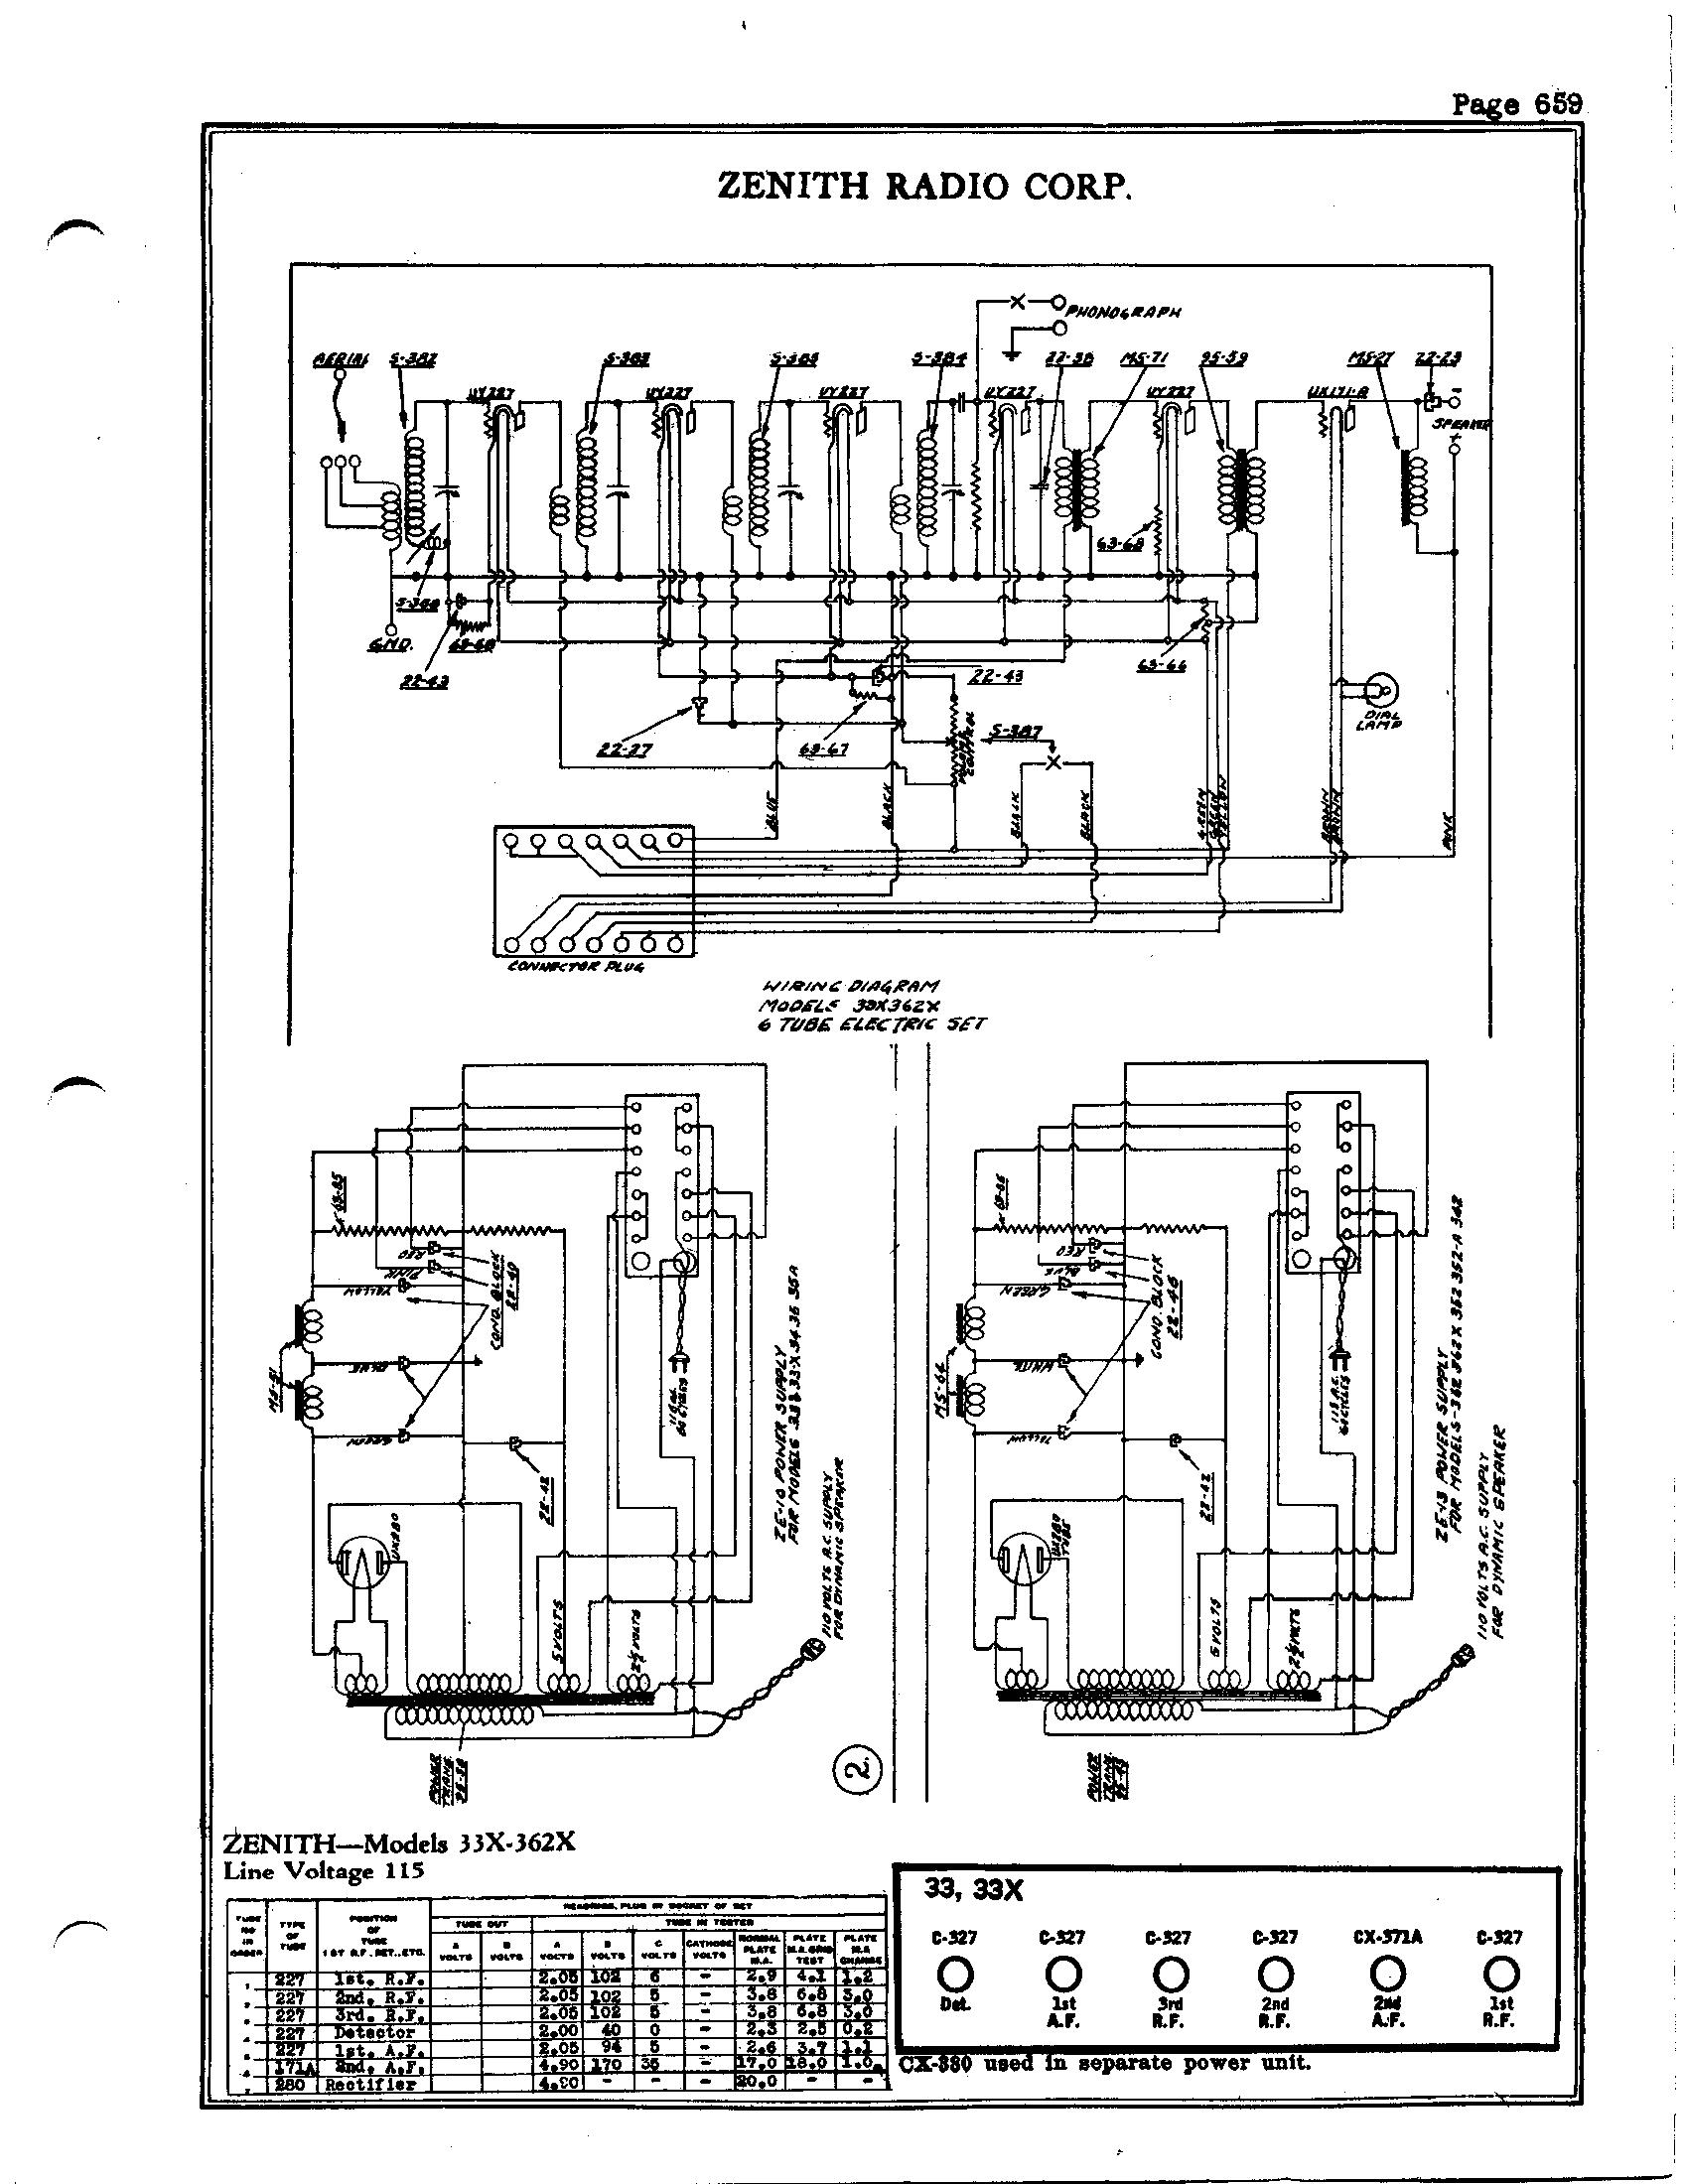 Zenith Radio Corp 342